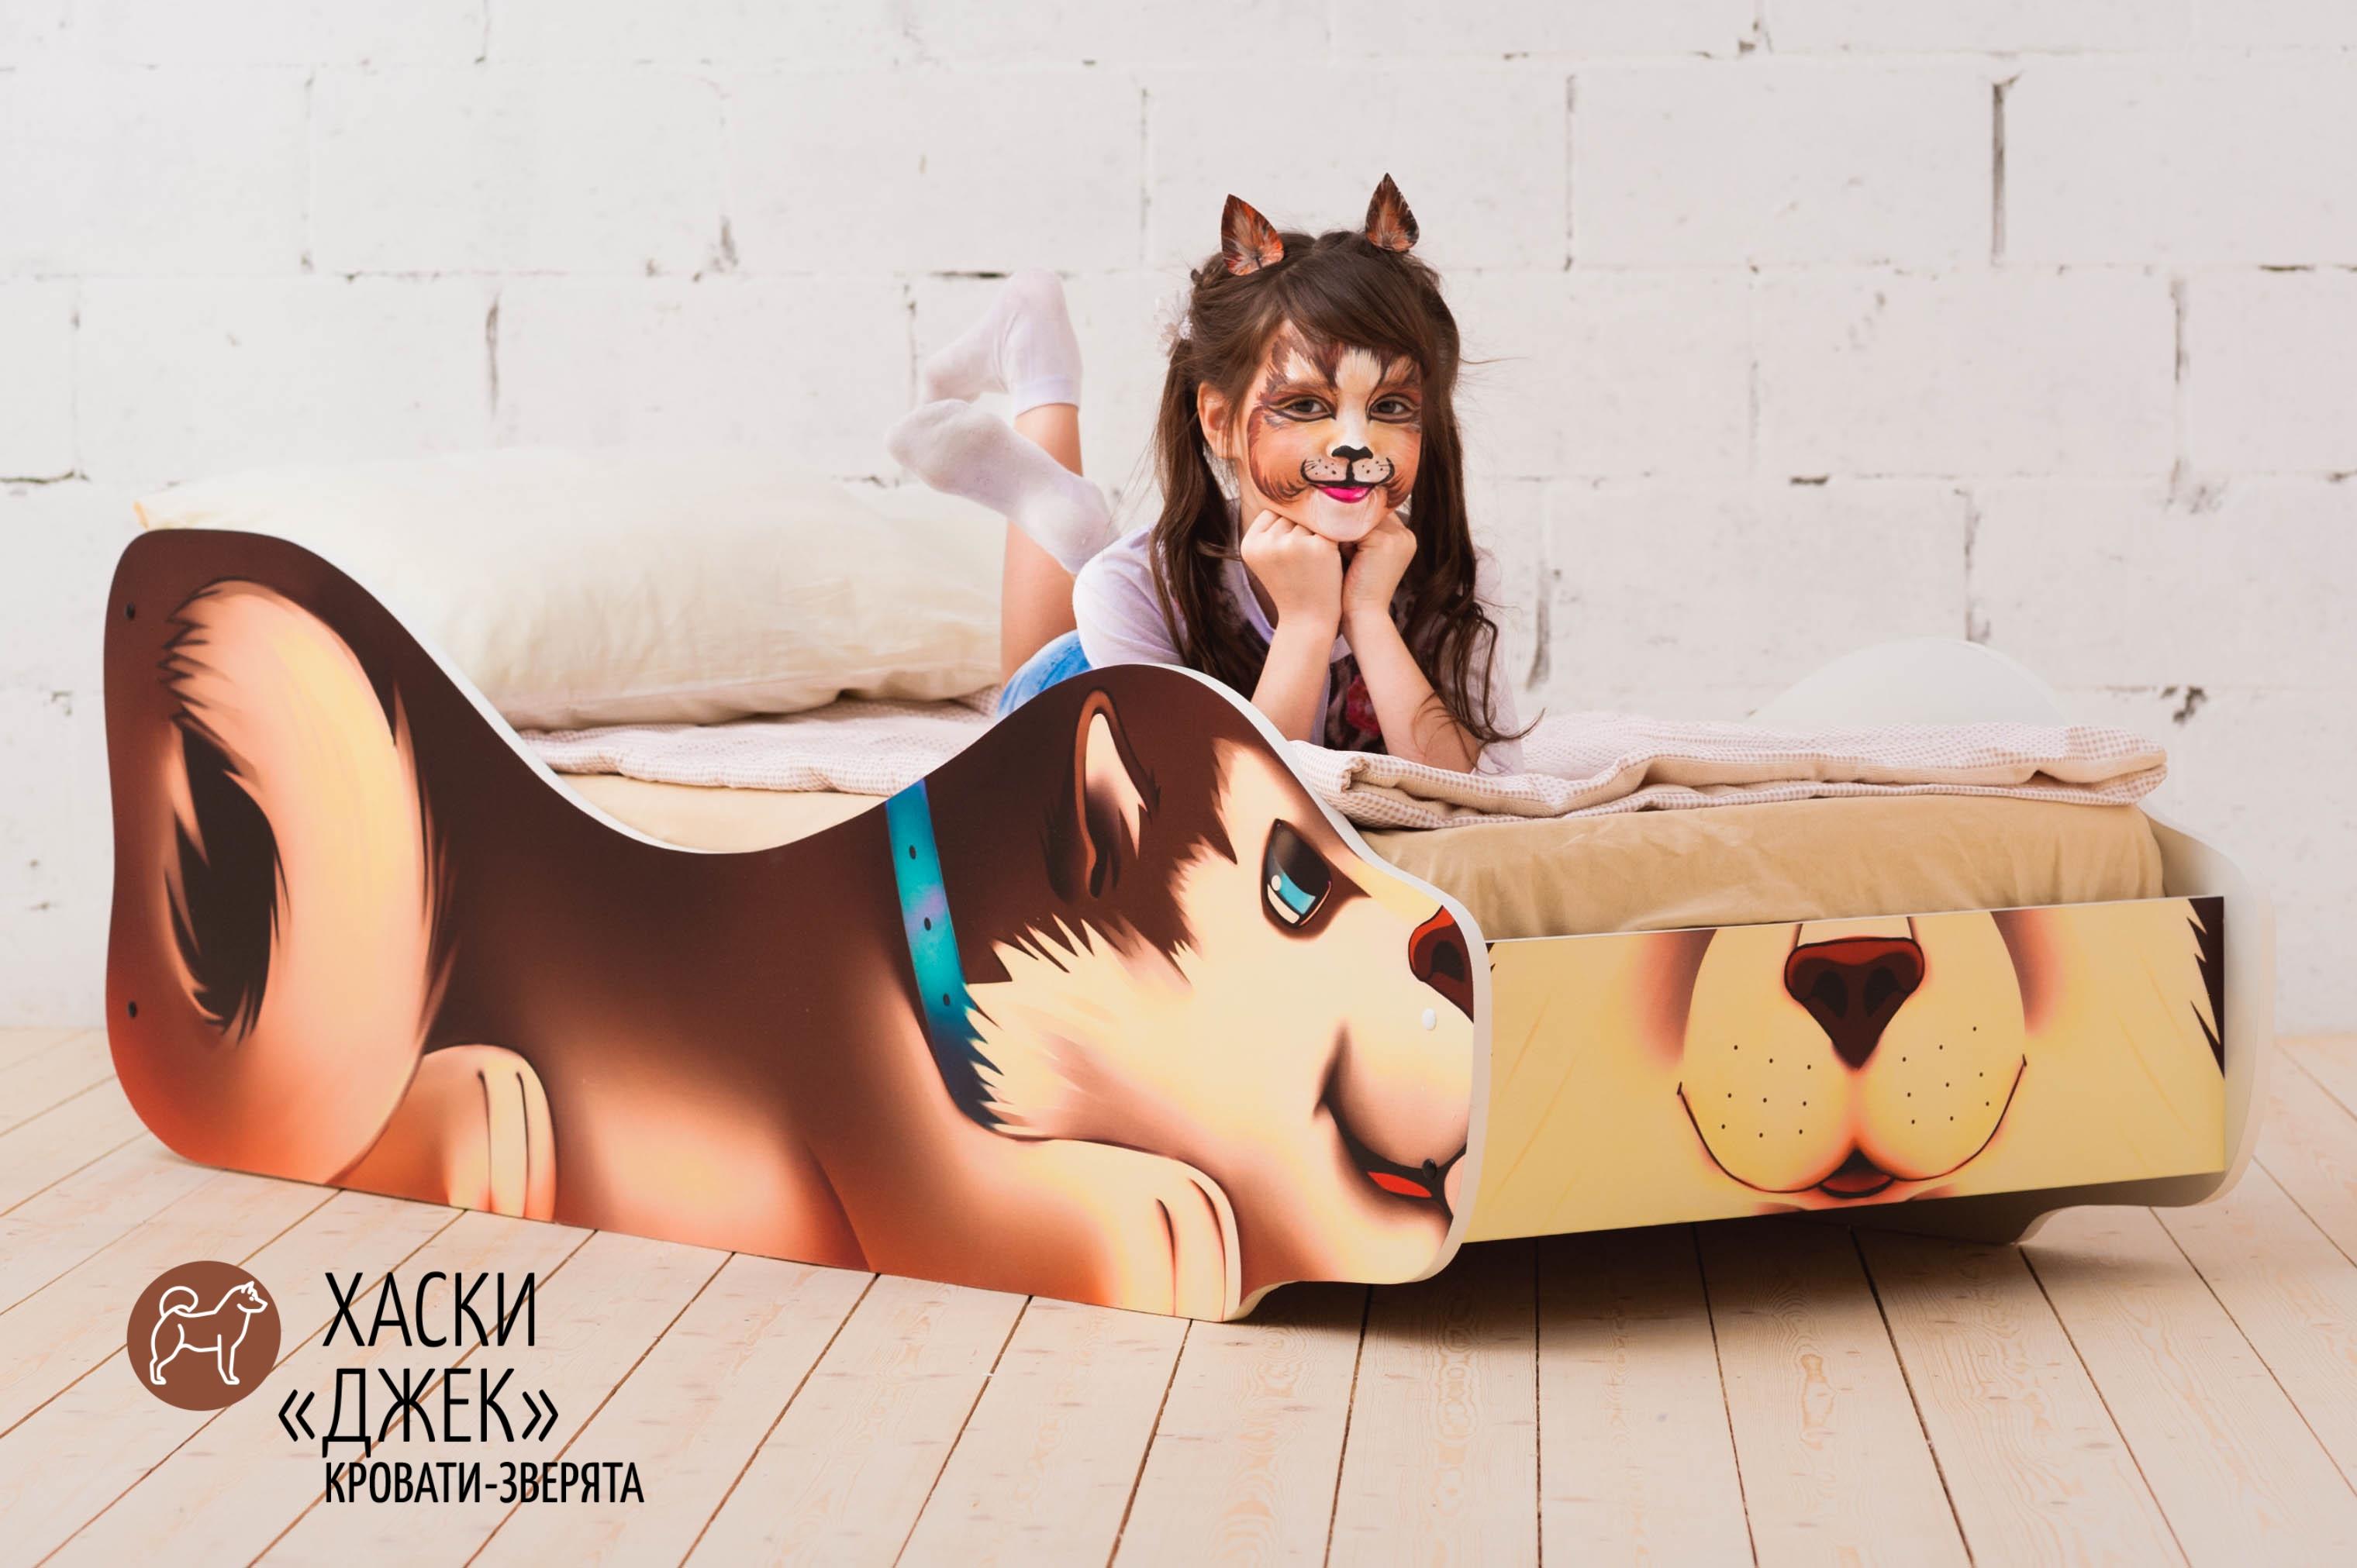 Детская кровать-зверенок -Хаски-Джек-6